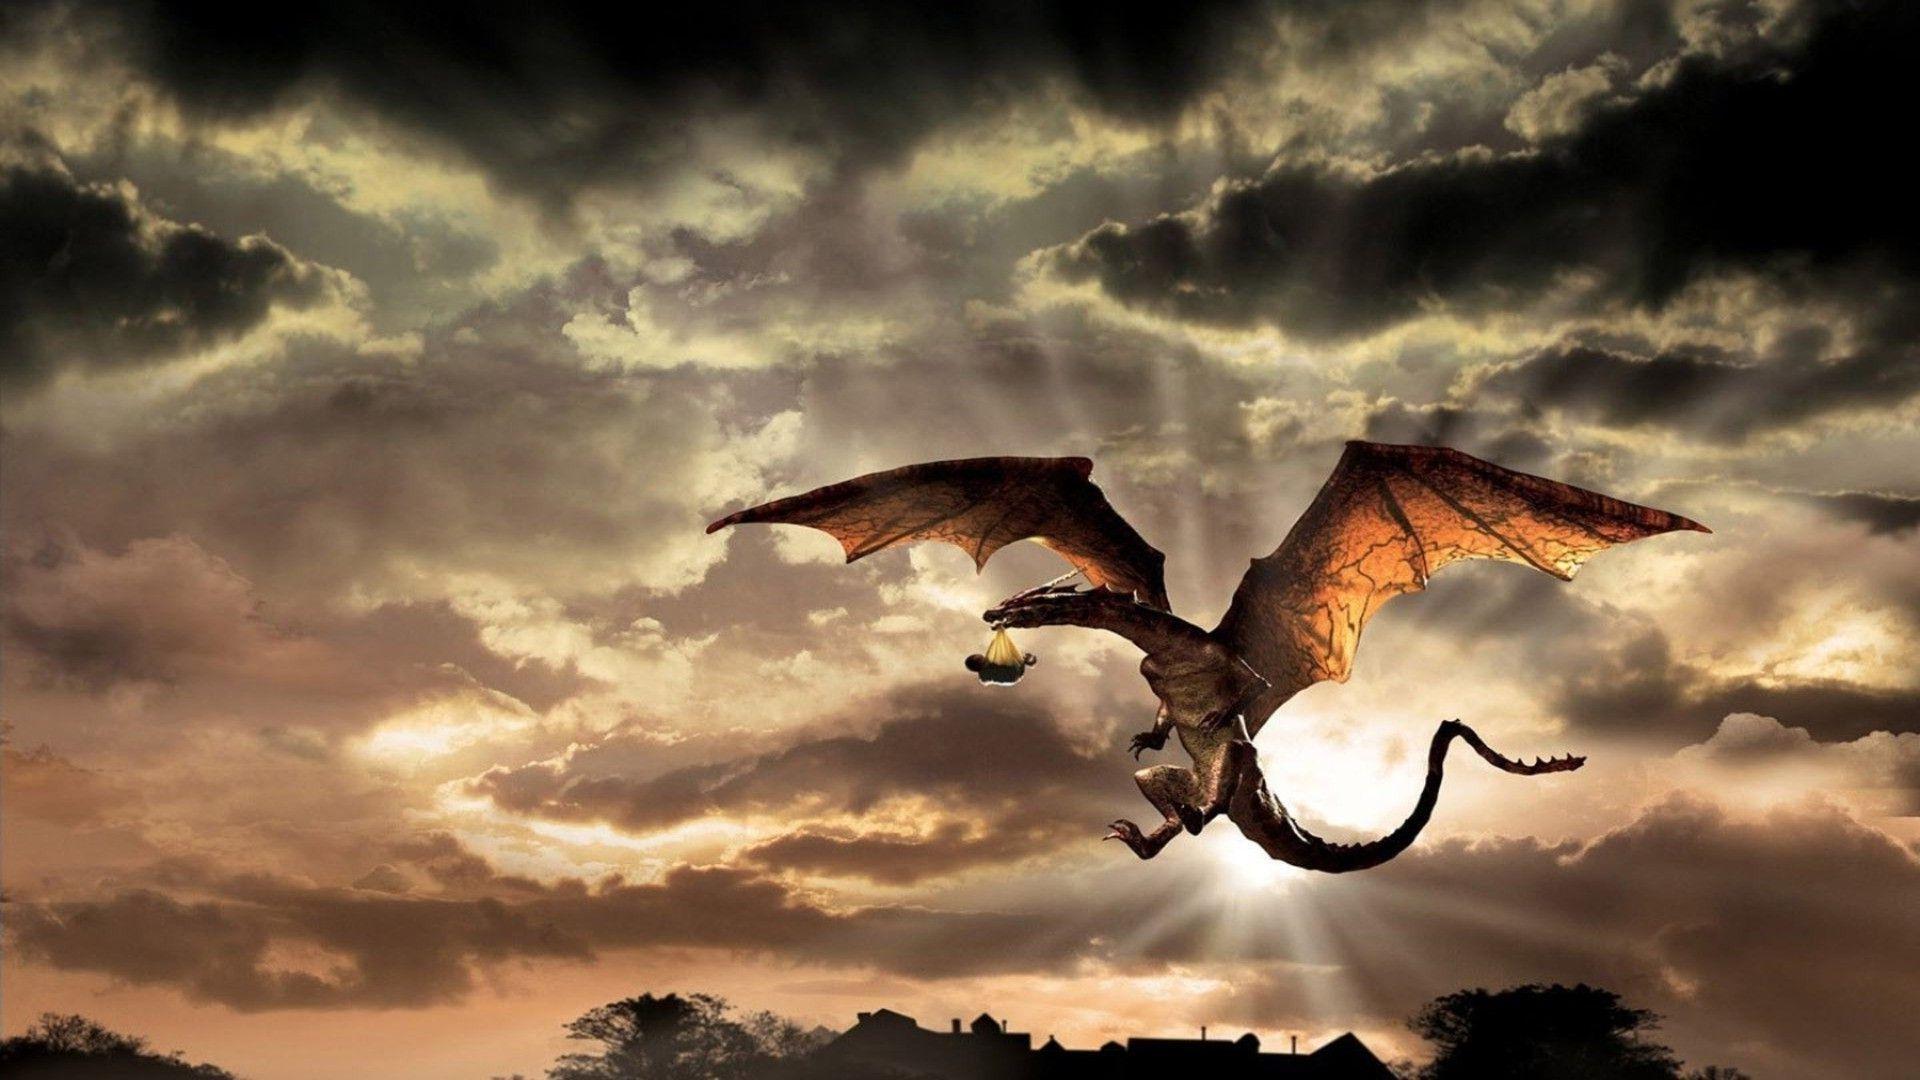 картинки с драконами высокого разрешения